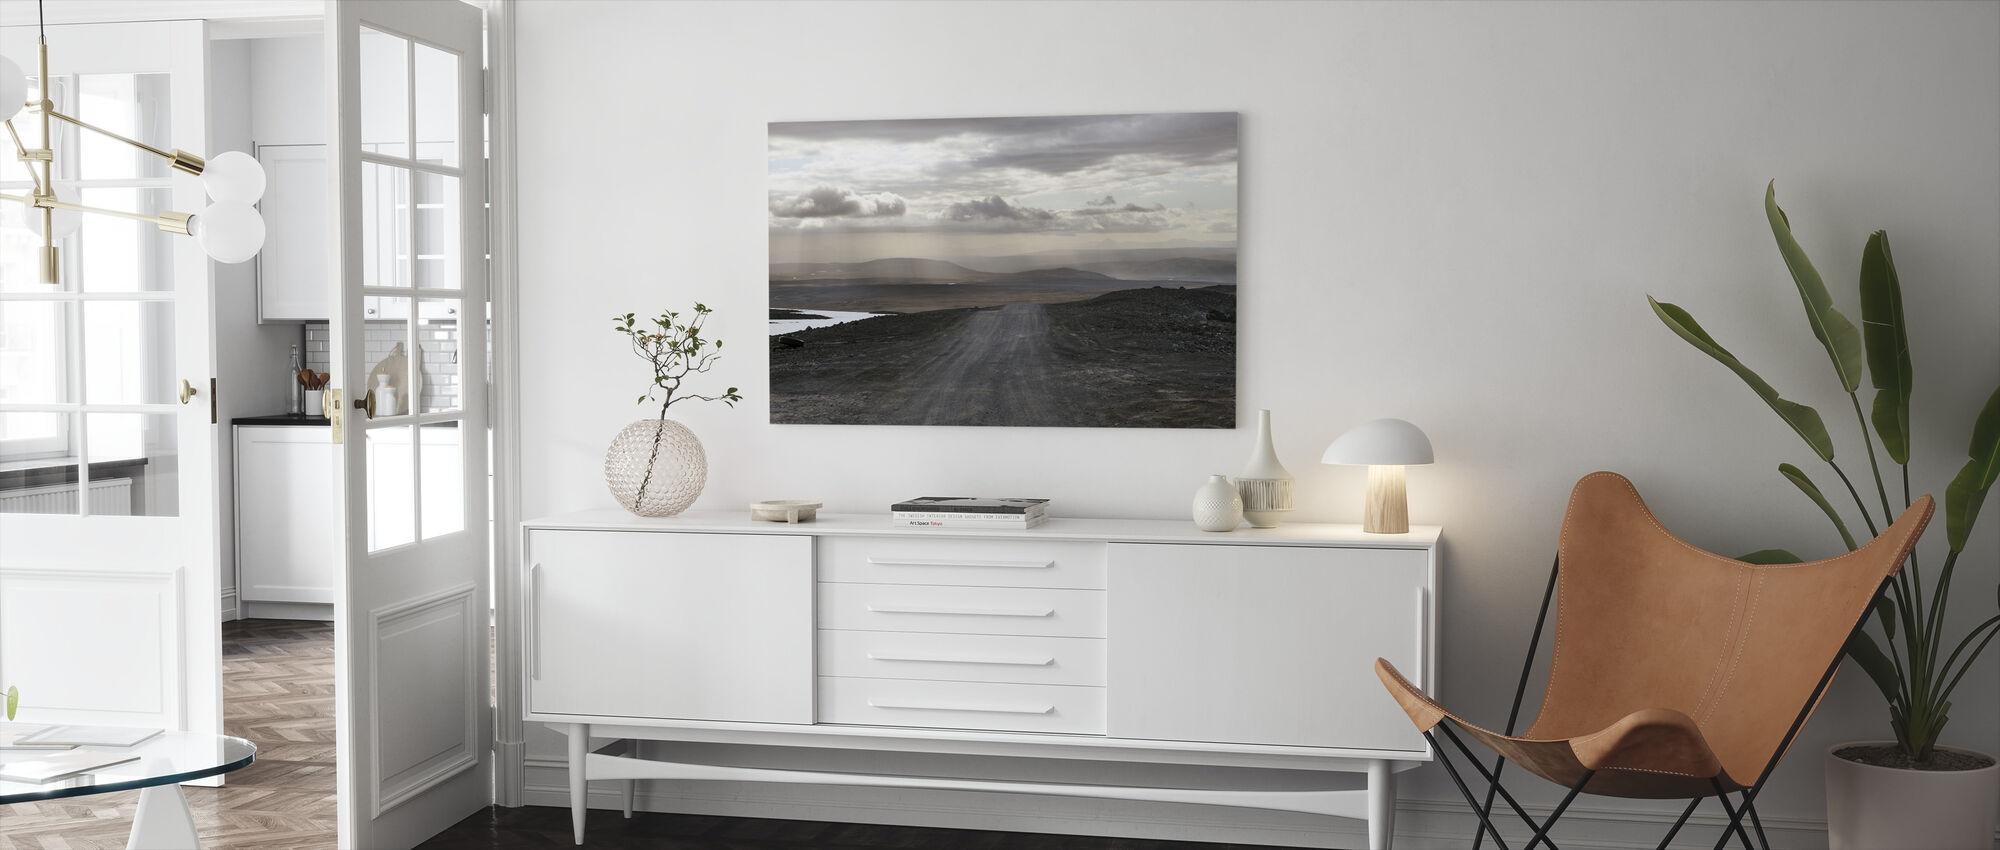 Isländskt landskap - Canvastavla - Vardagsrum